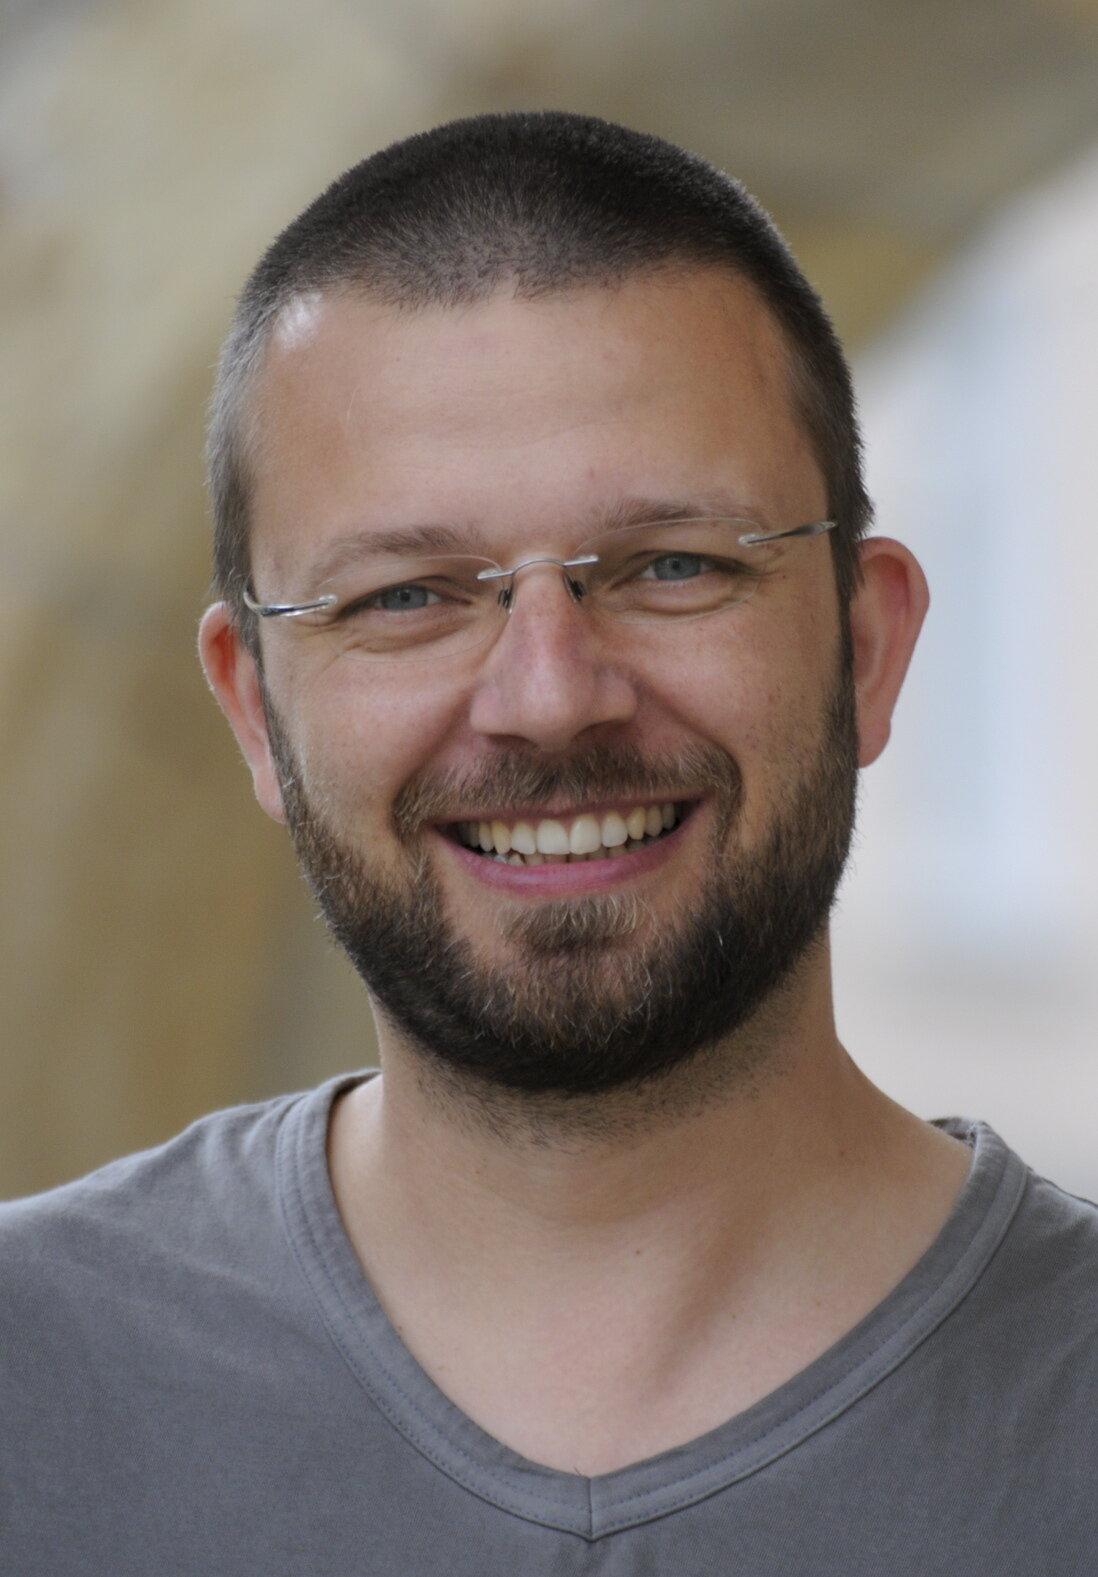 Stefan Jänke, Foto von Klaus Dieter Brühl